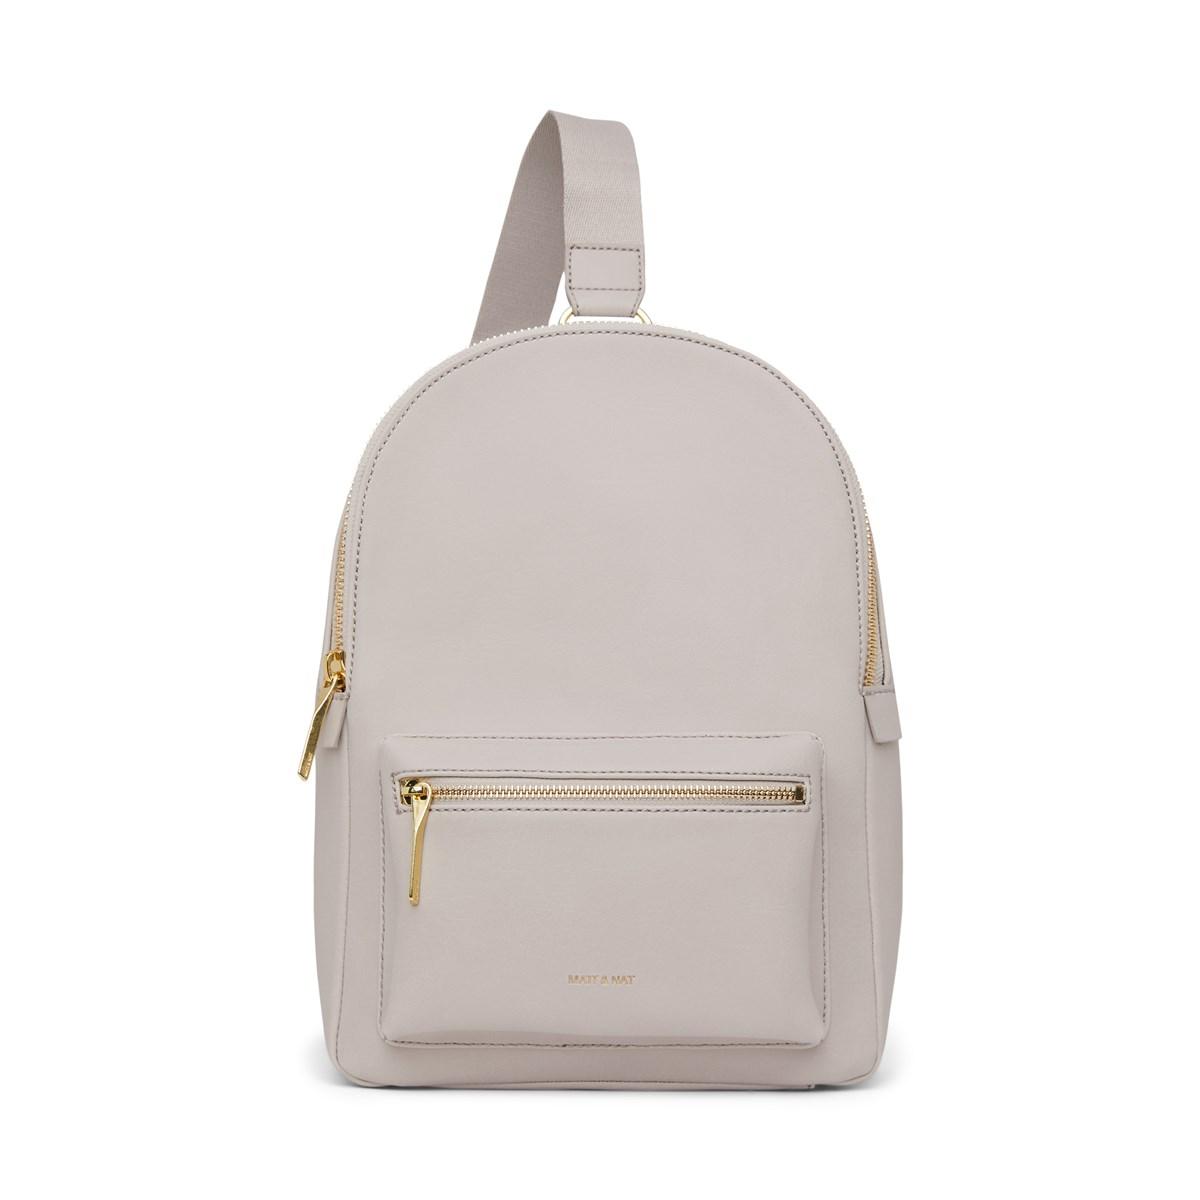 Voas Sling Bag in Pearl